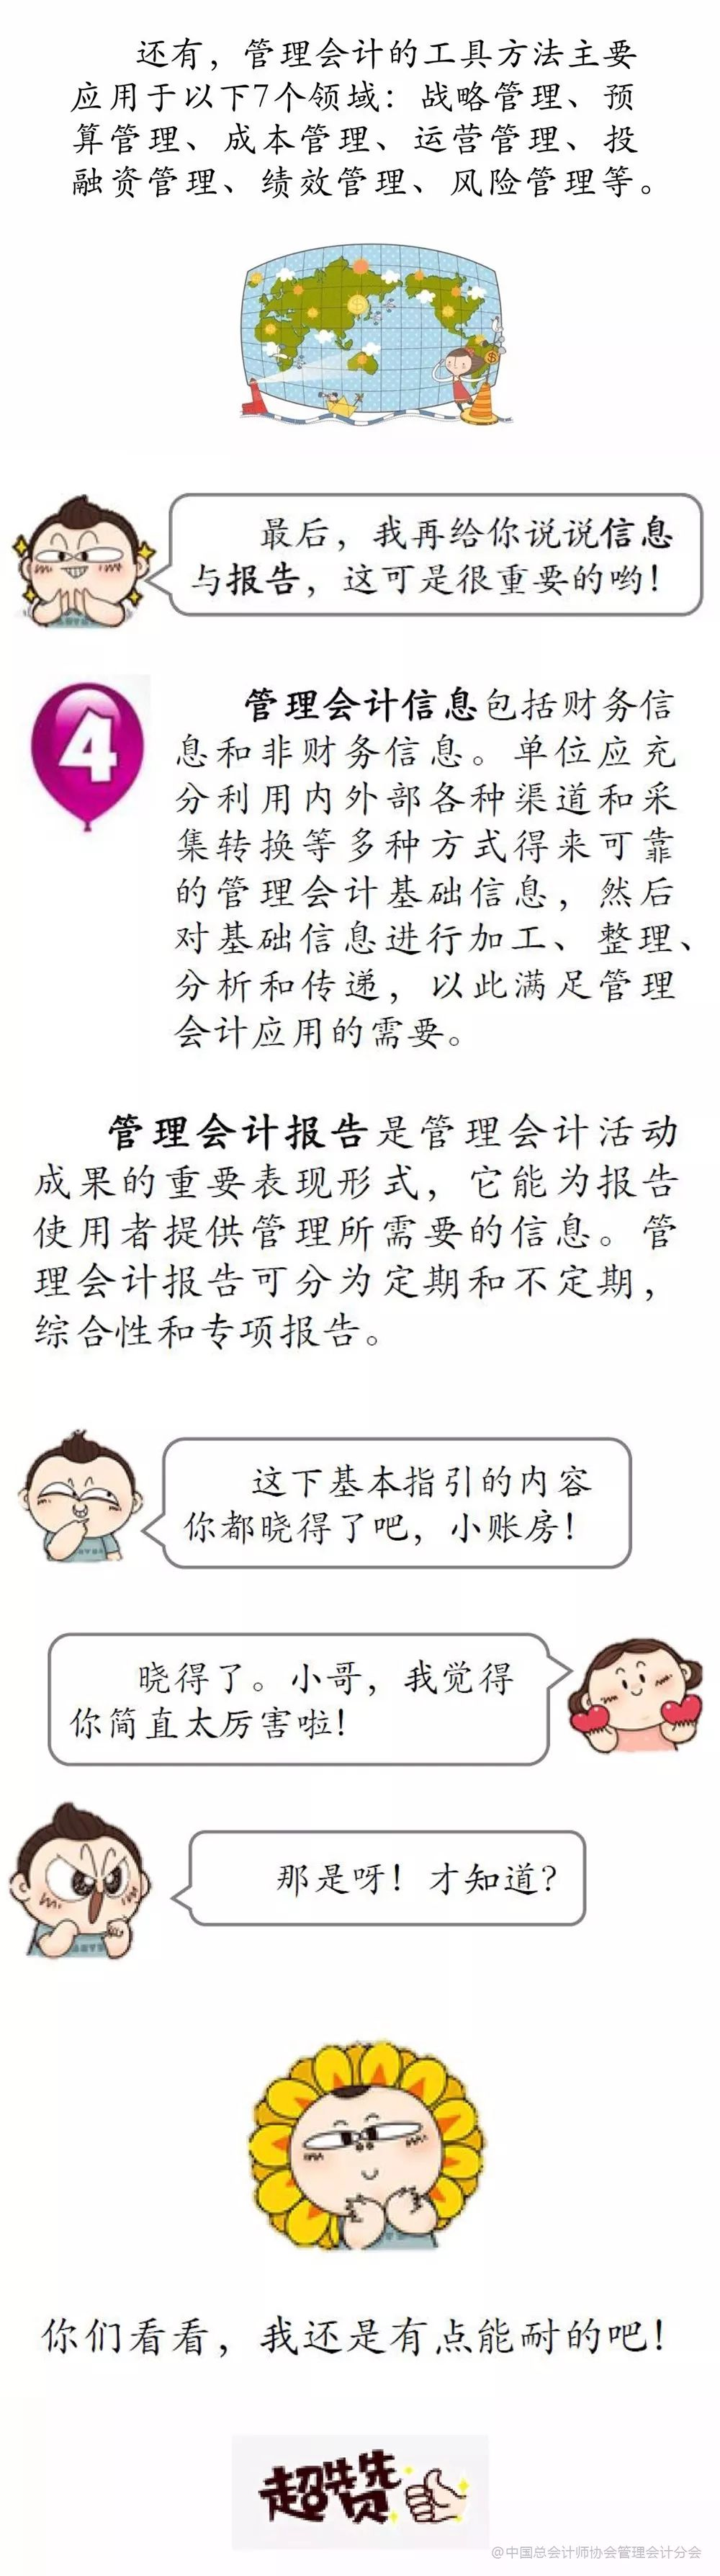 漫画连载 | 管理会计都干啥(之三) 初级管理会计师MAT 第4张